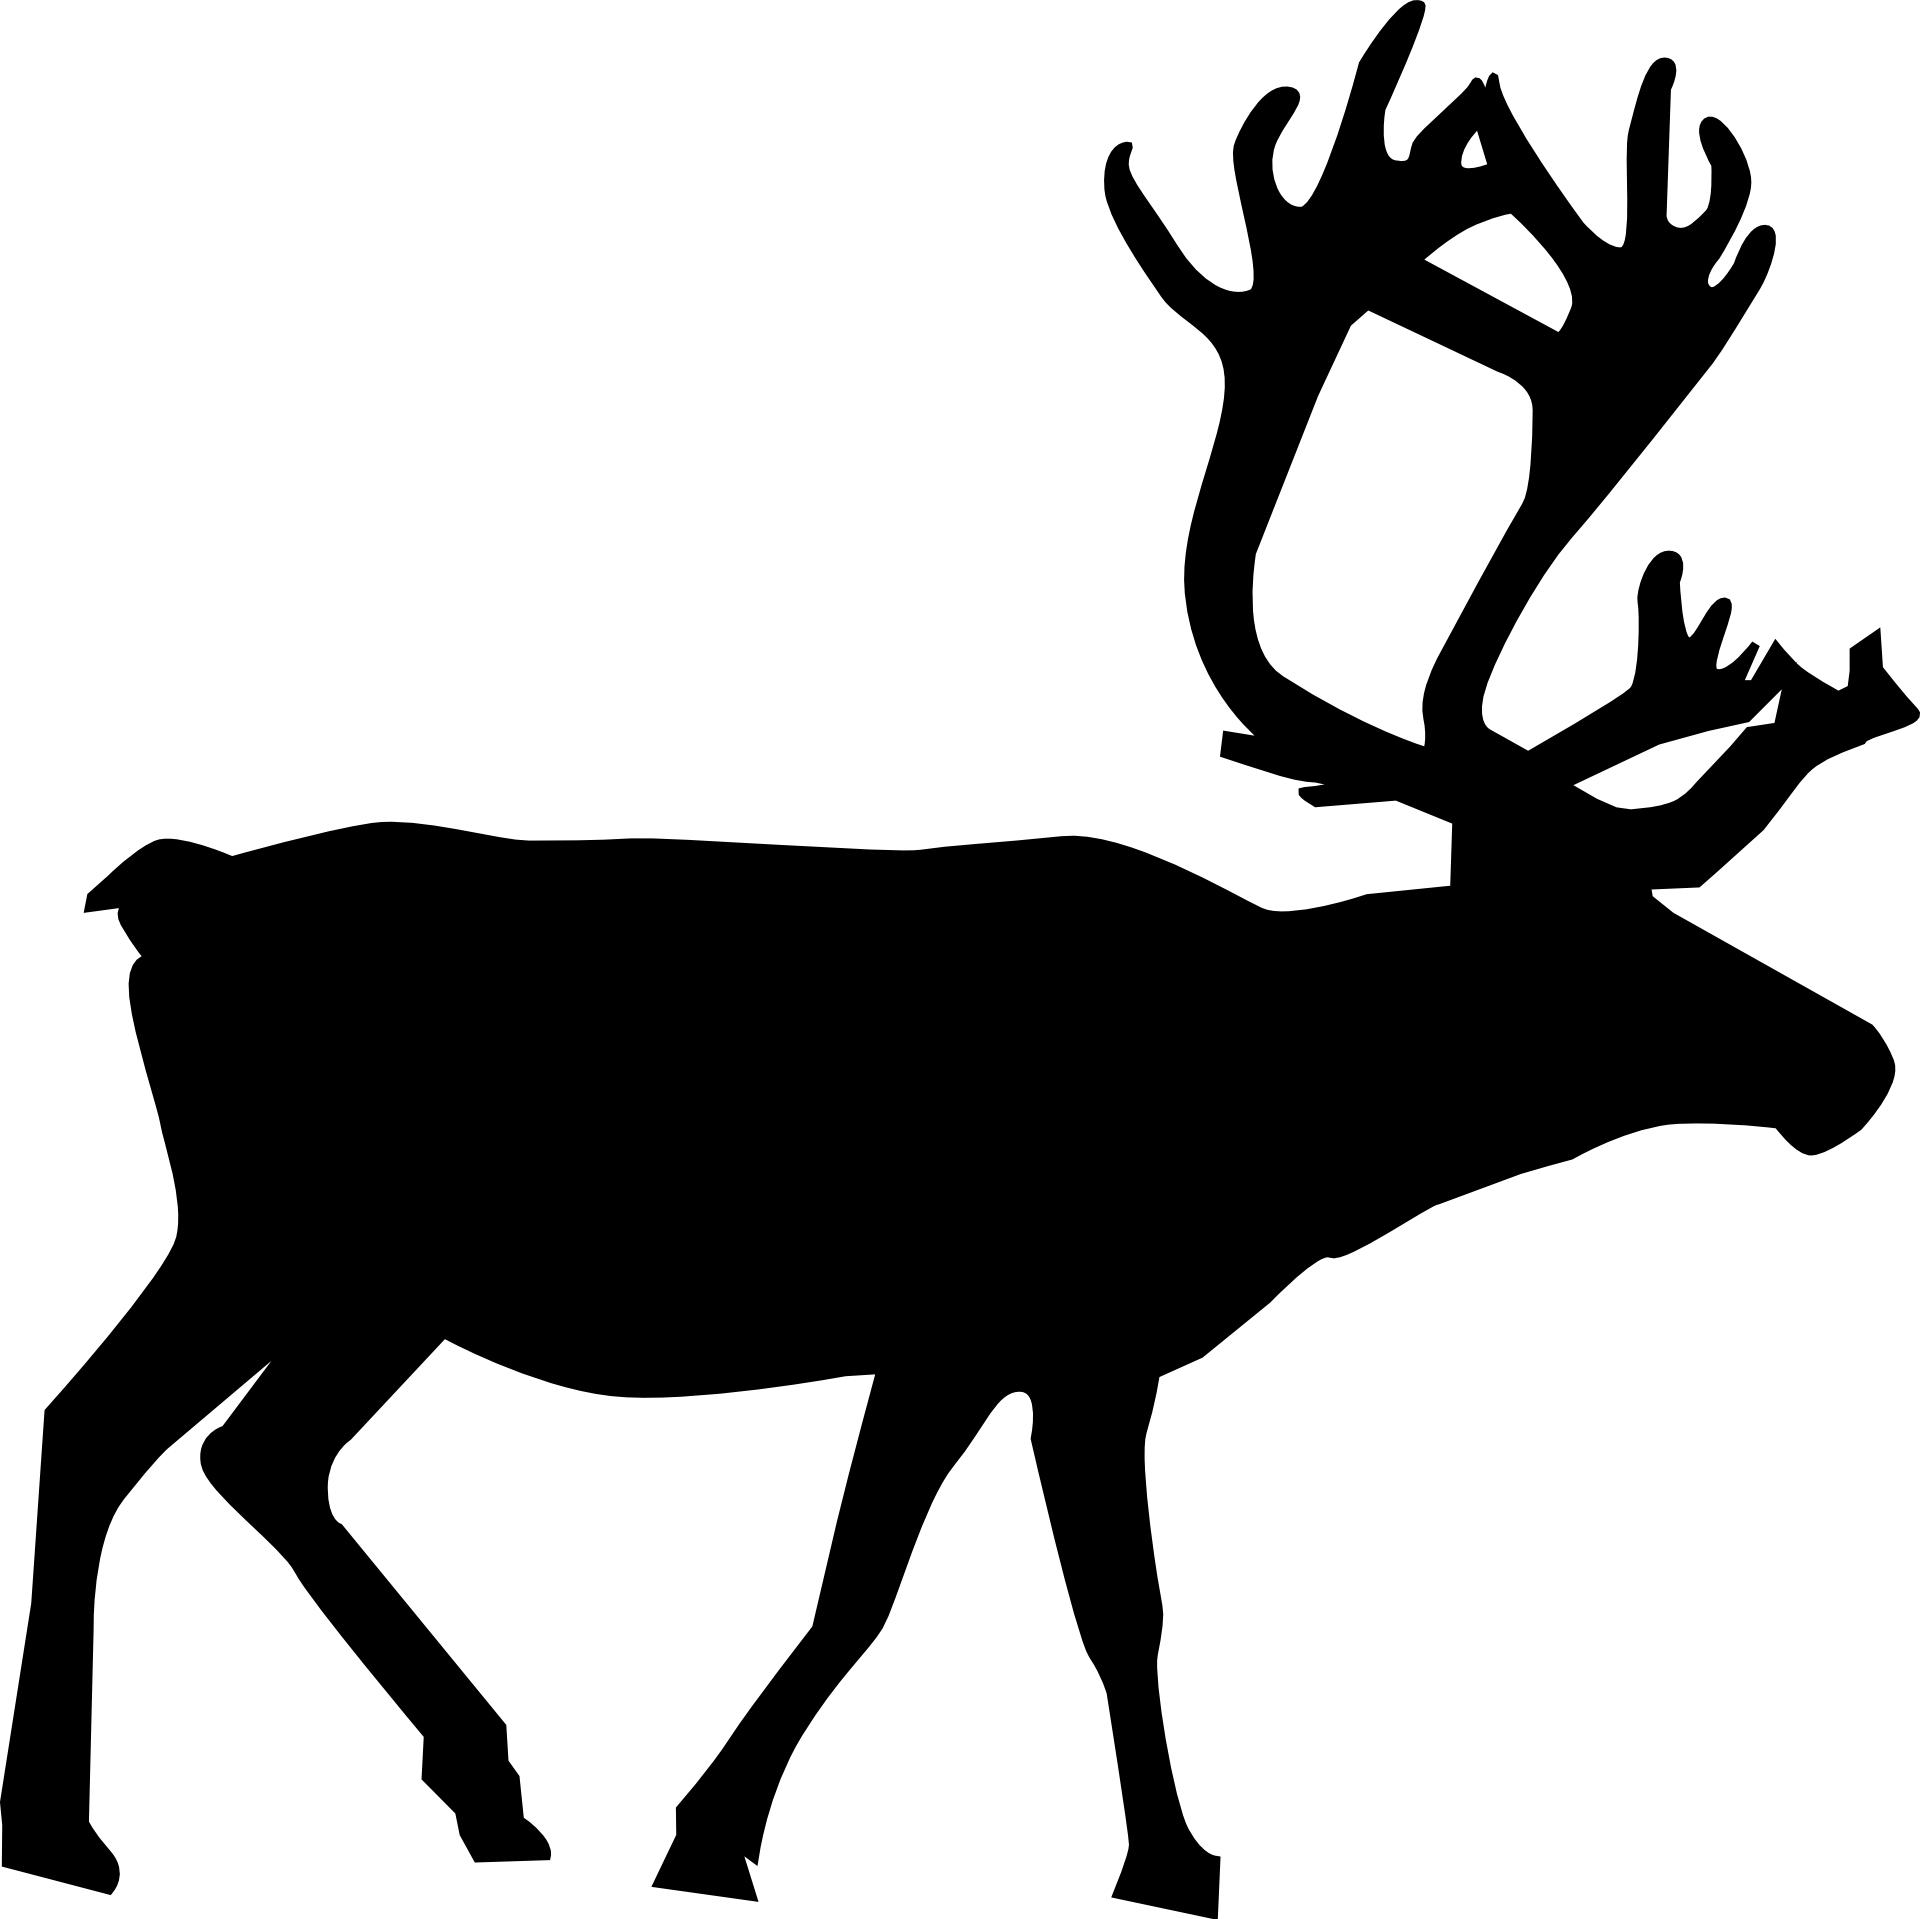 animal silhouette,reindeer vector